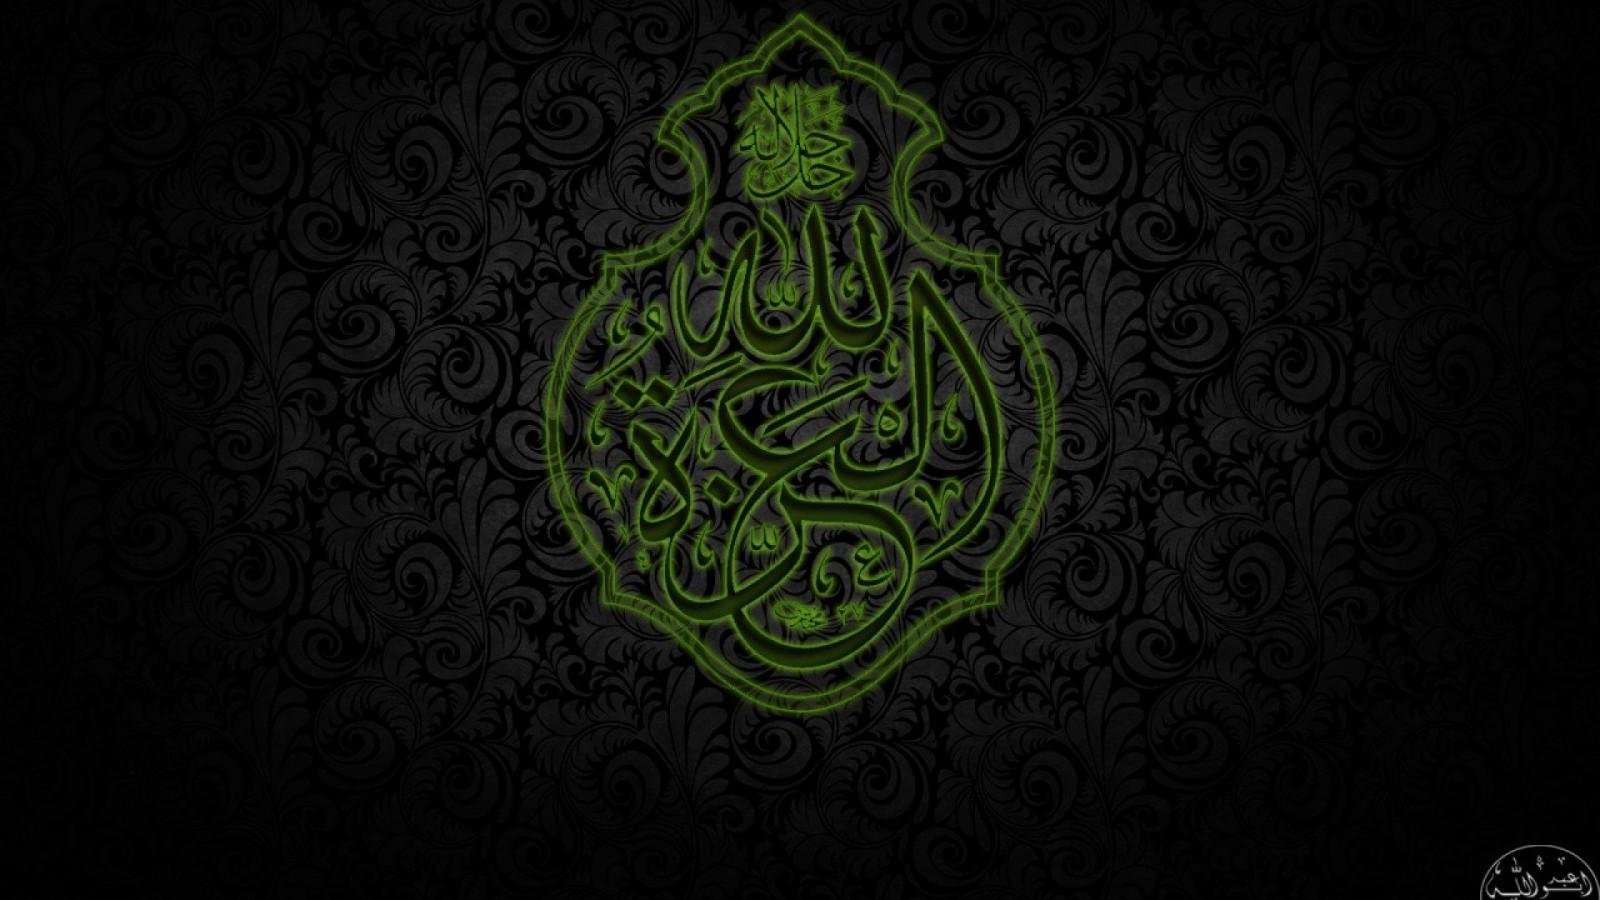 Исламские картинки красивые для заставки, новым годом